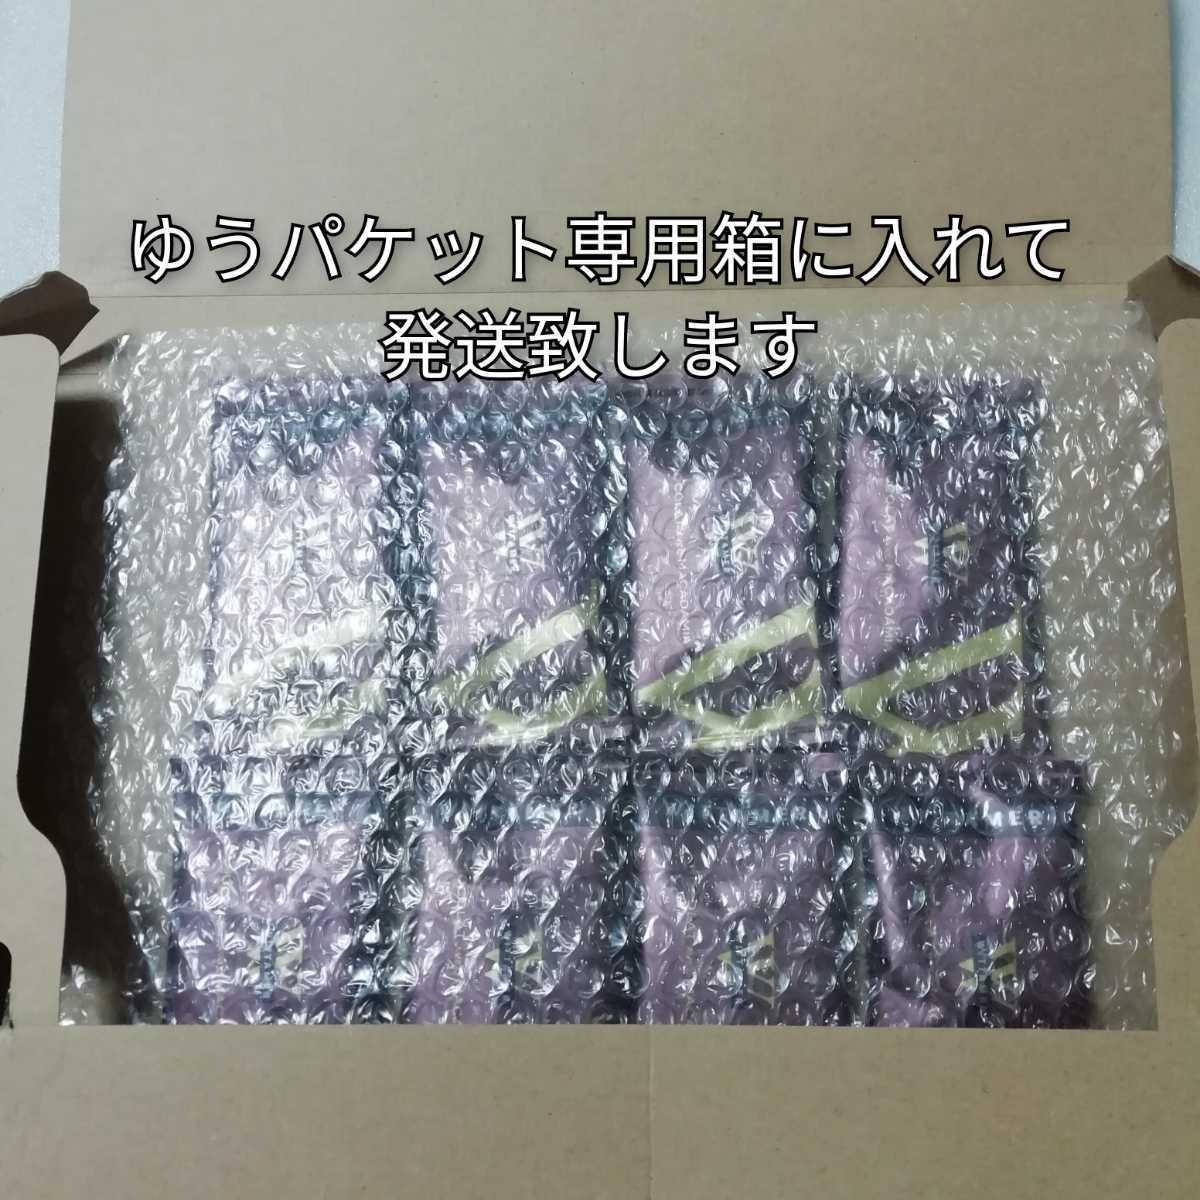 ヴィタメール 箱無し マカダミアショコラ ダーク 8枚 チョコレート チョコ お菓子_画像2